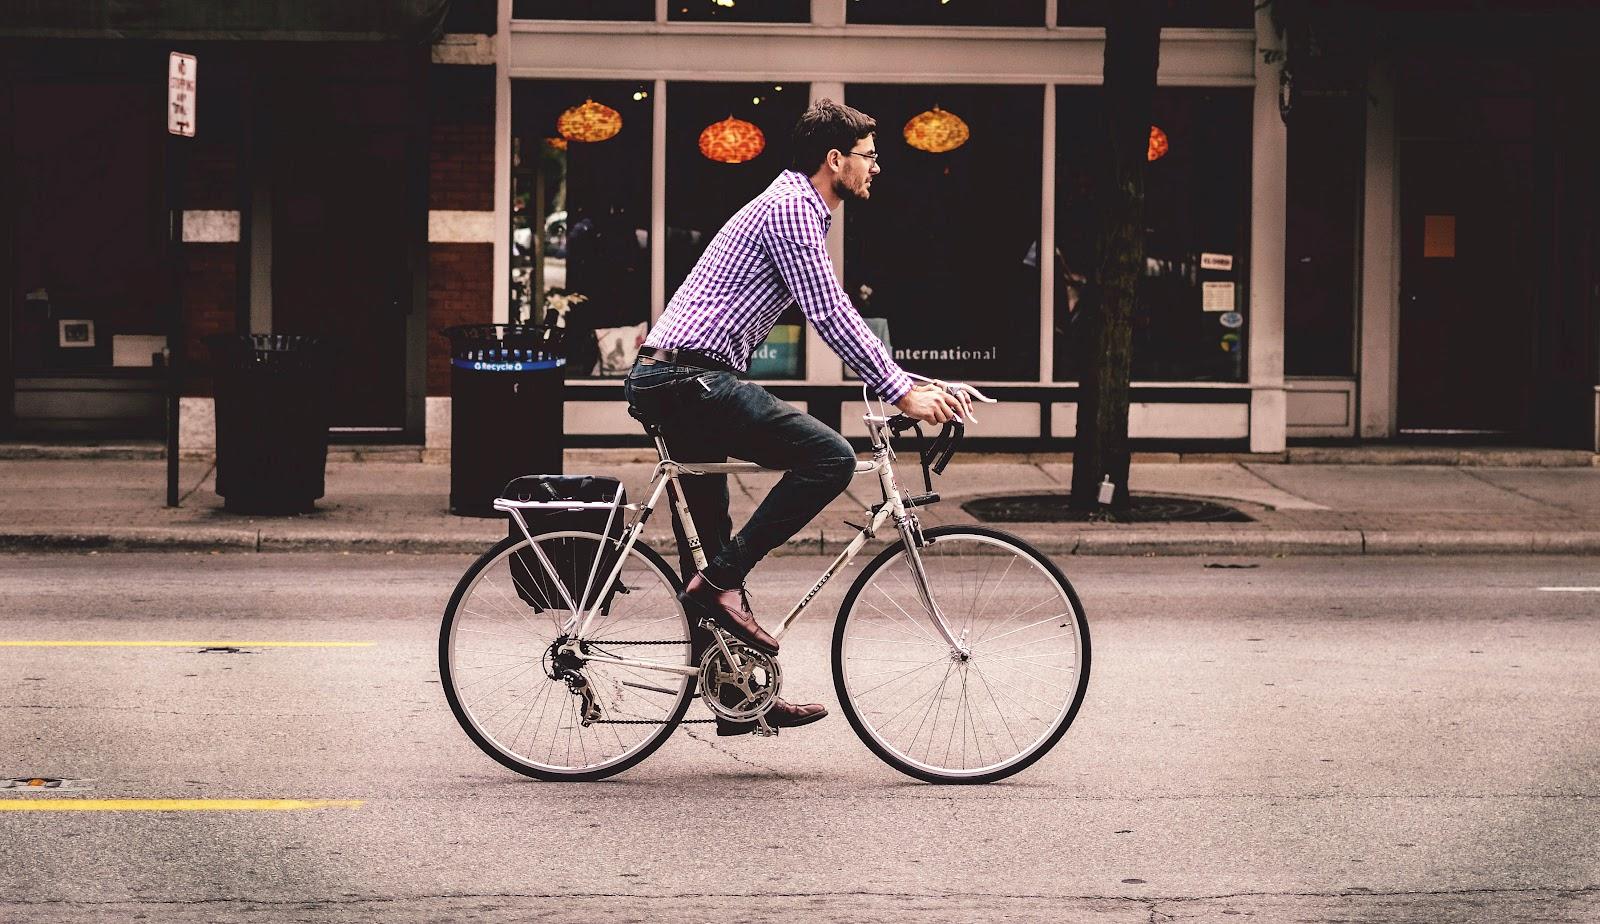 pedalando-com-o-coracao-coracao-vivo.jpg